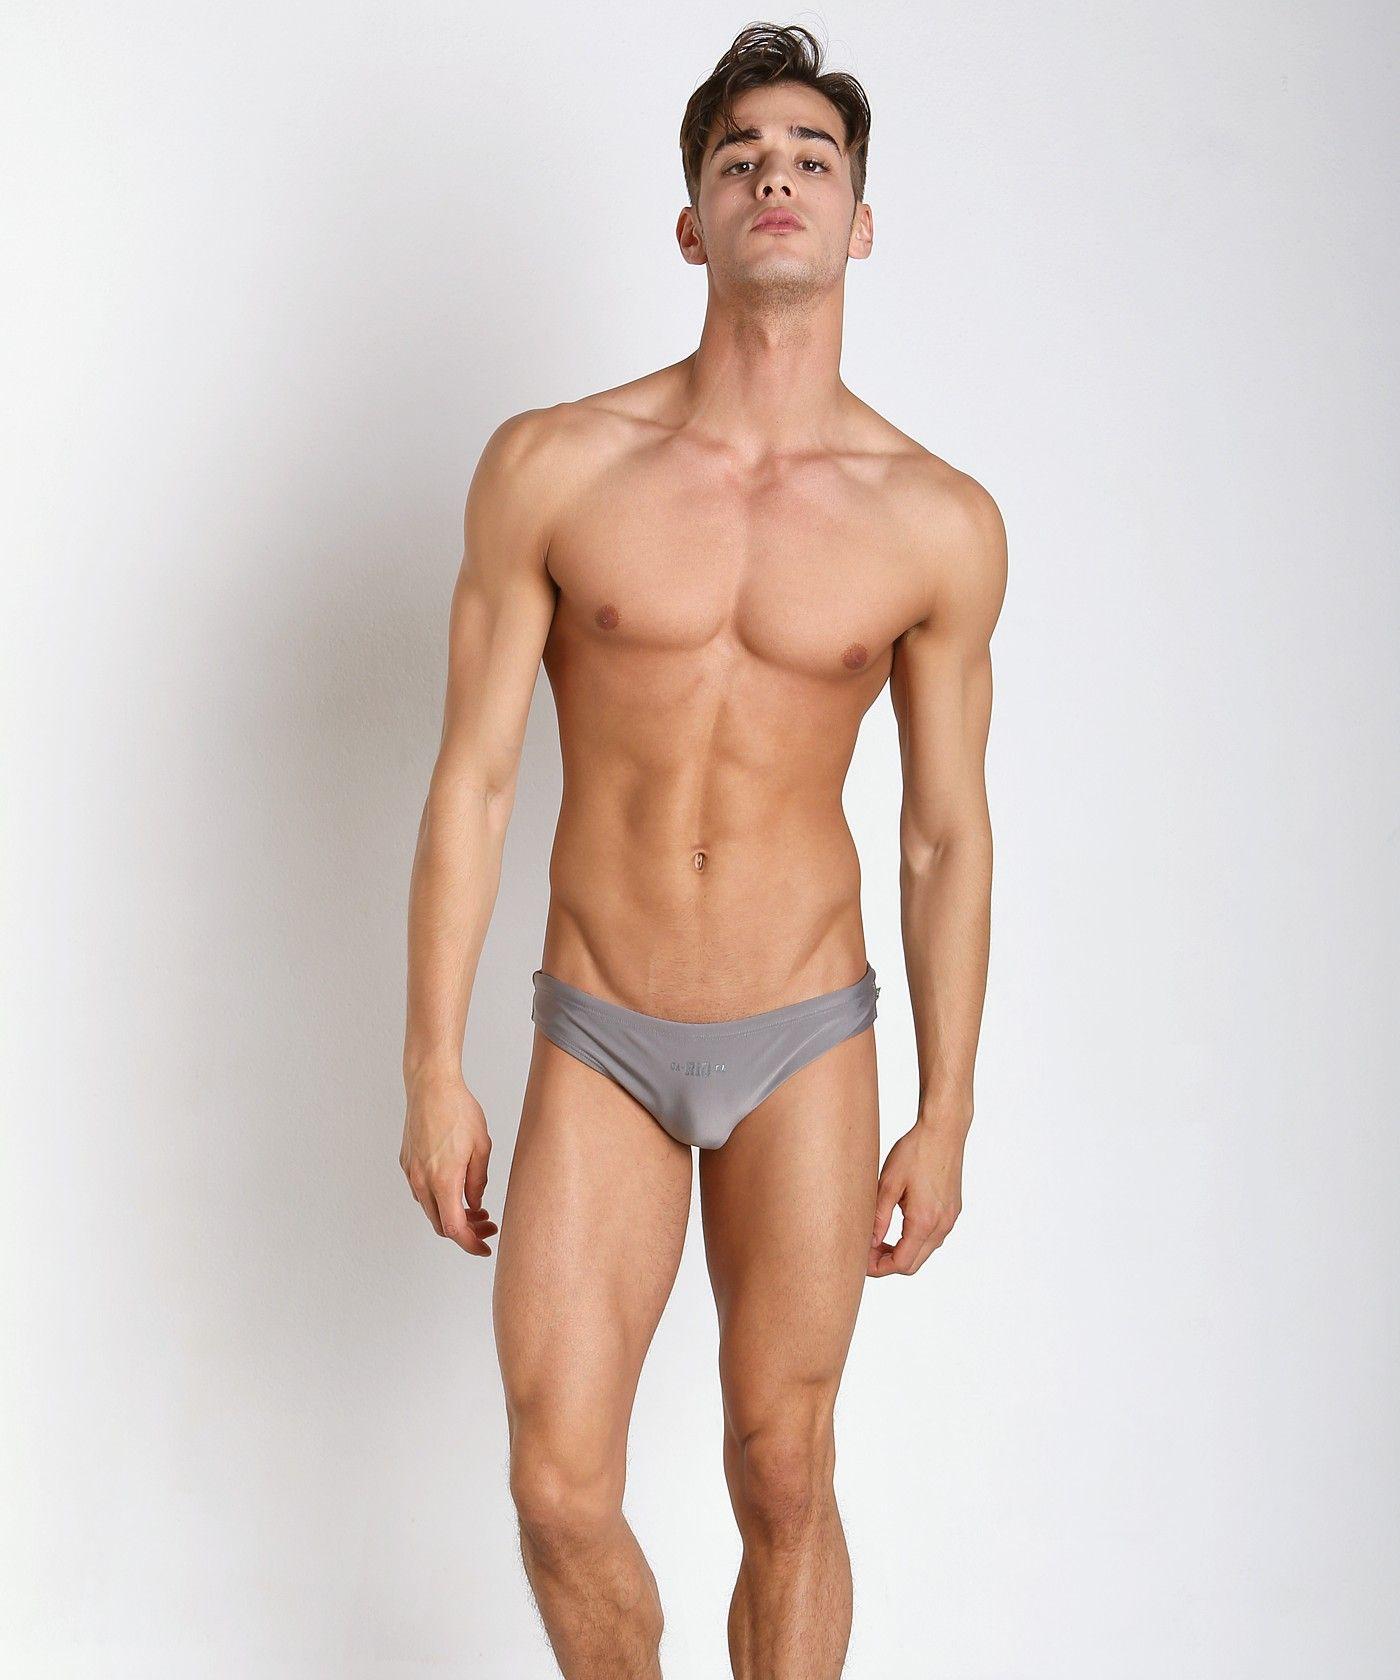 Bikini open male double triple